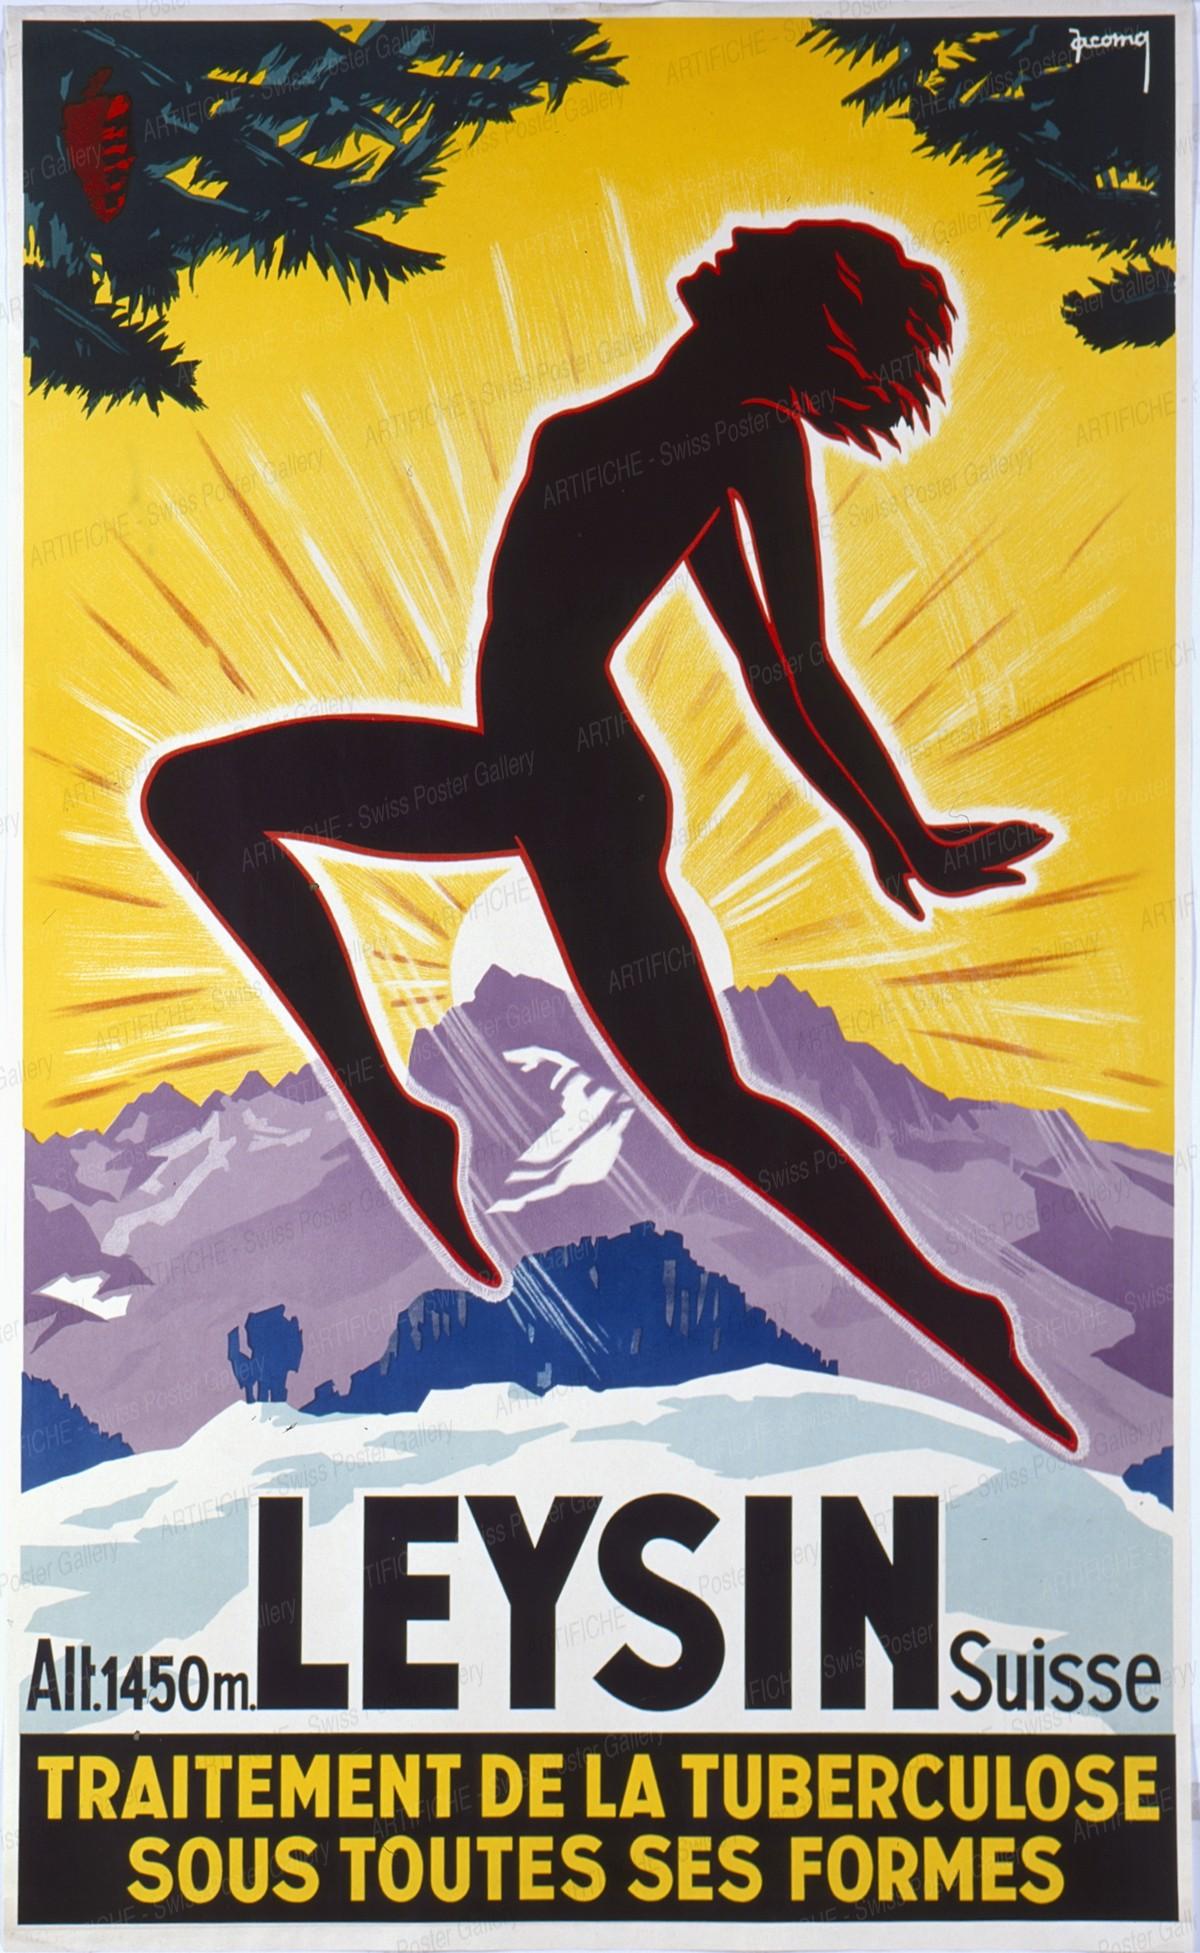 LEYSIN – Traitement de la Tuberculose sous toutes ses formes – Alt. 1450 m – Suisse, Jacomo Muller